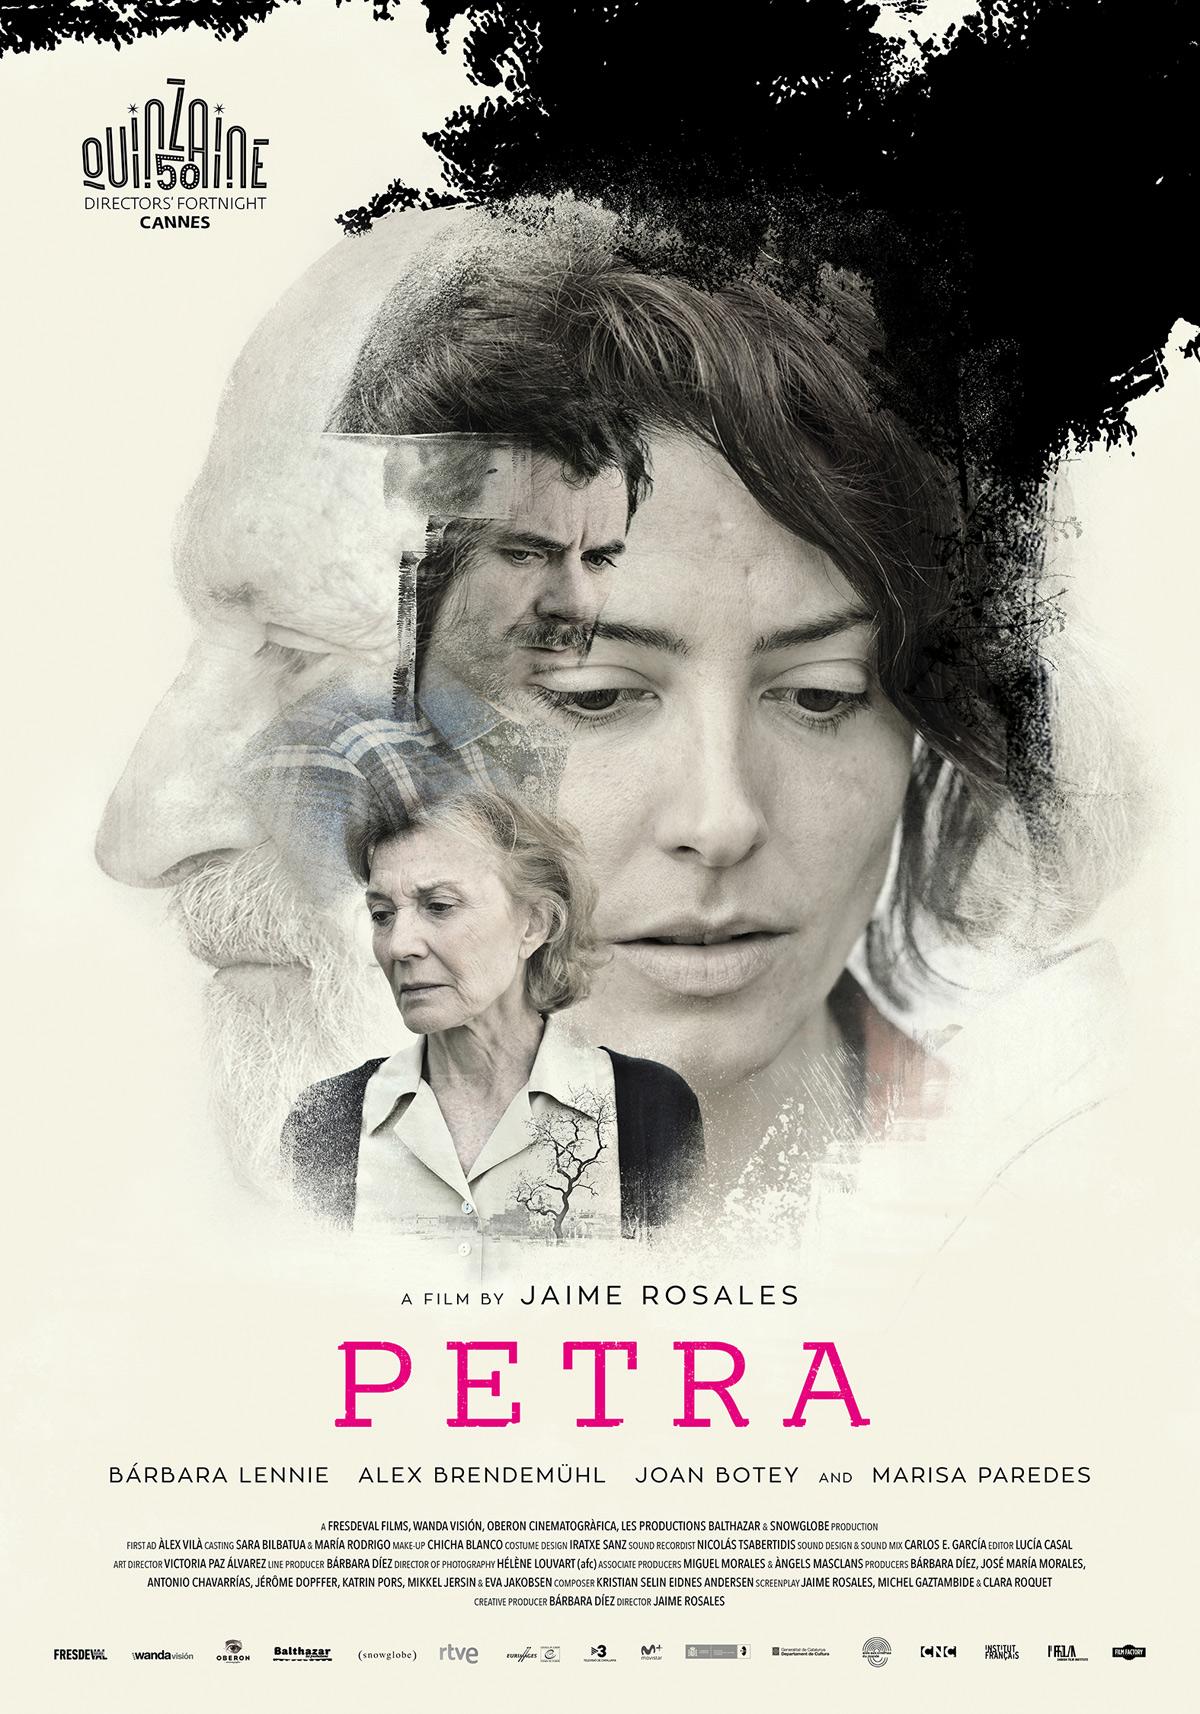 Cartel de Petra, de Jaime Rosales, 2019.